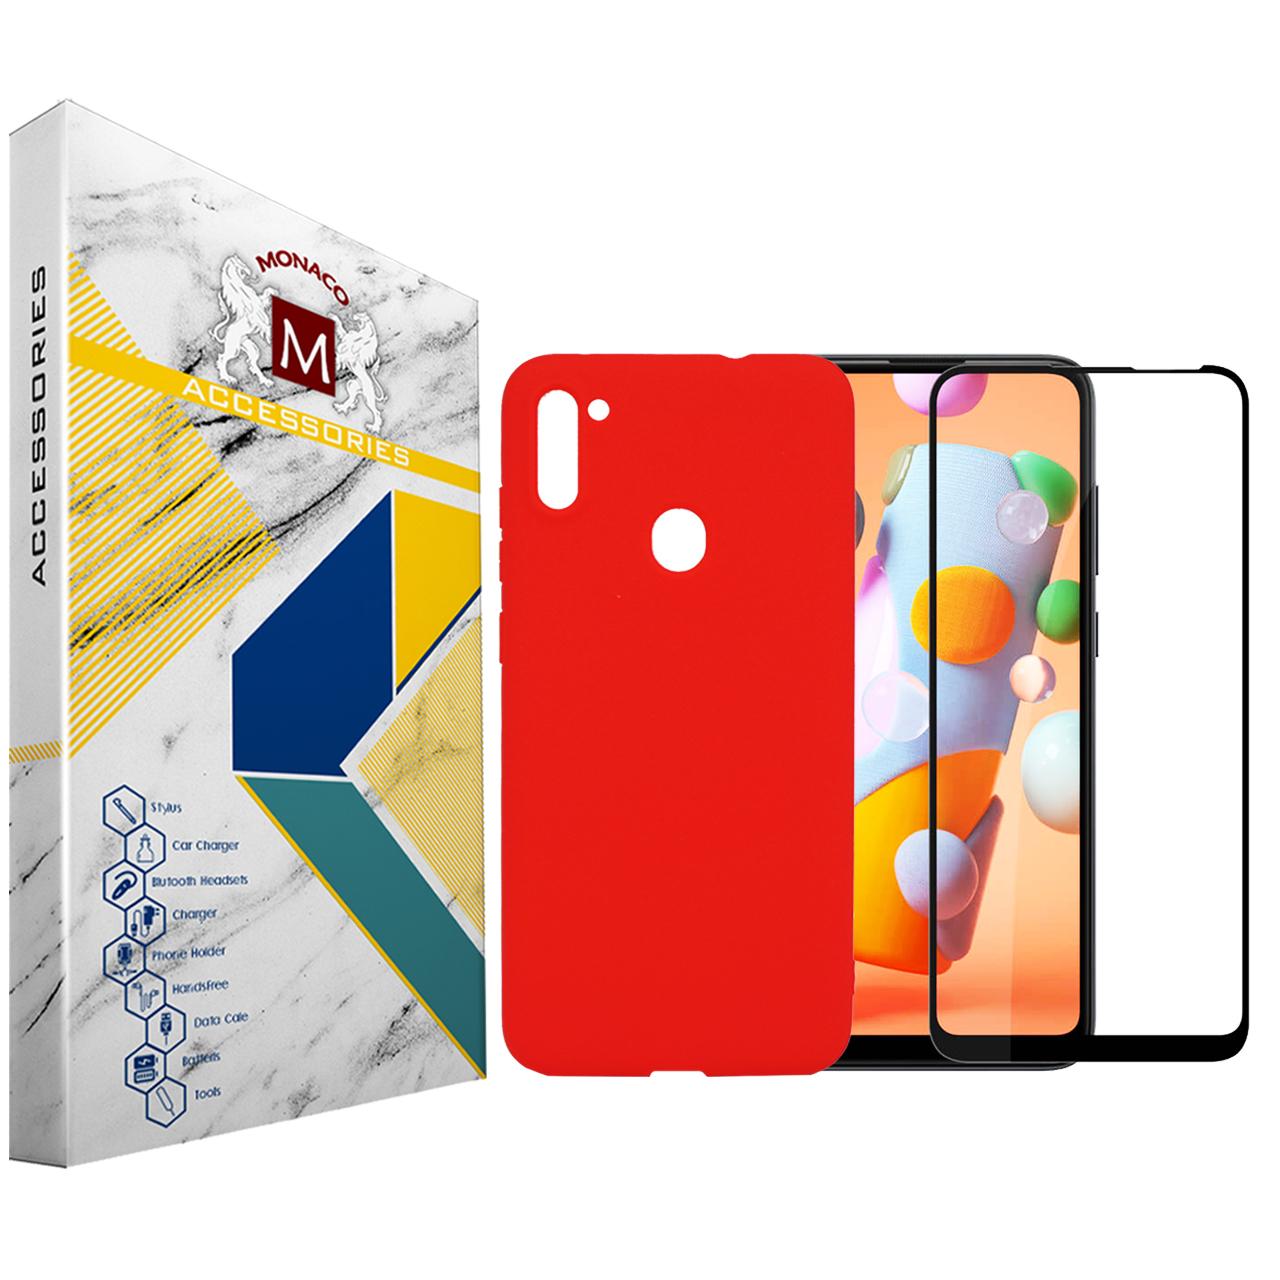 کاور سیلیکونی موناکو کد SL170 مناسب برای گوشی موبایل سامسونگ Galaxy A11 به همراه محافظ صفحه نمایش